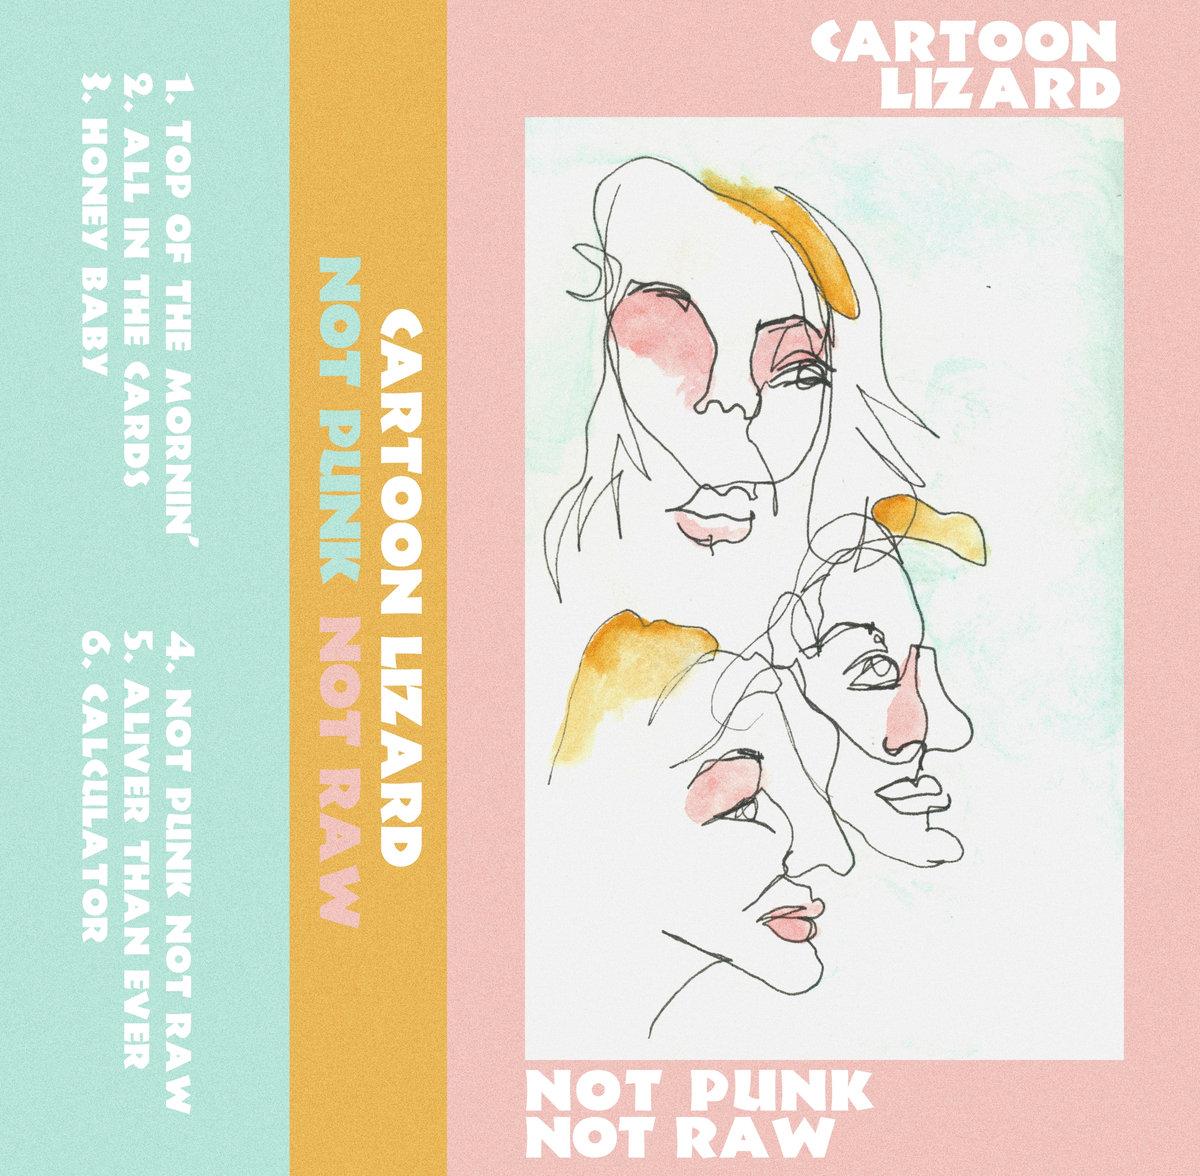 Not Punk not raw ep - Cartoon Lizard